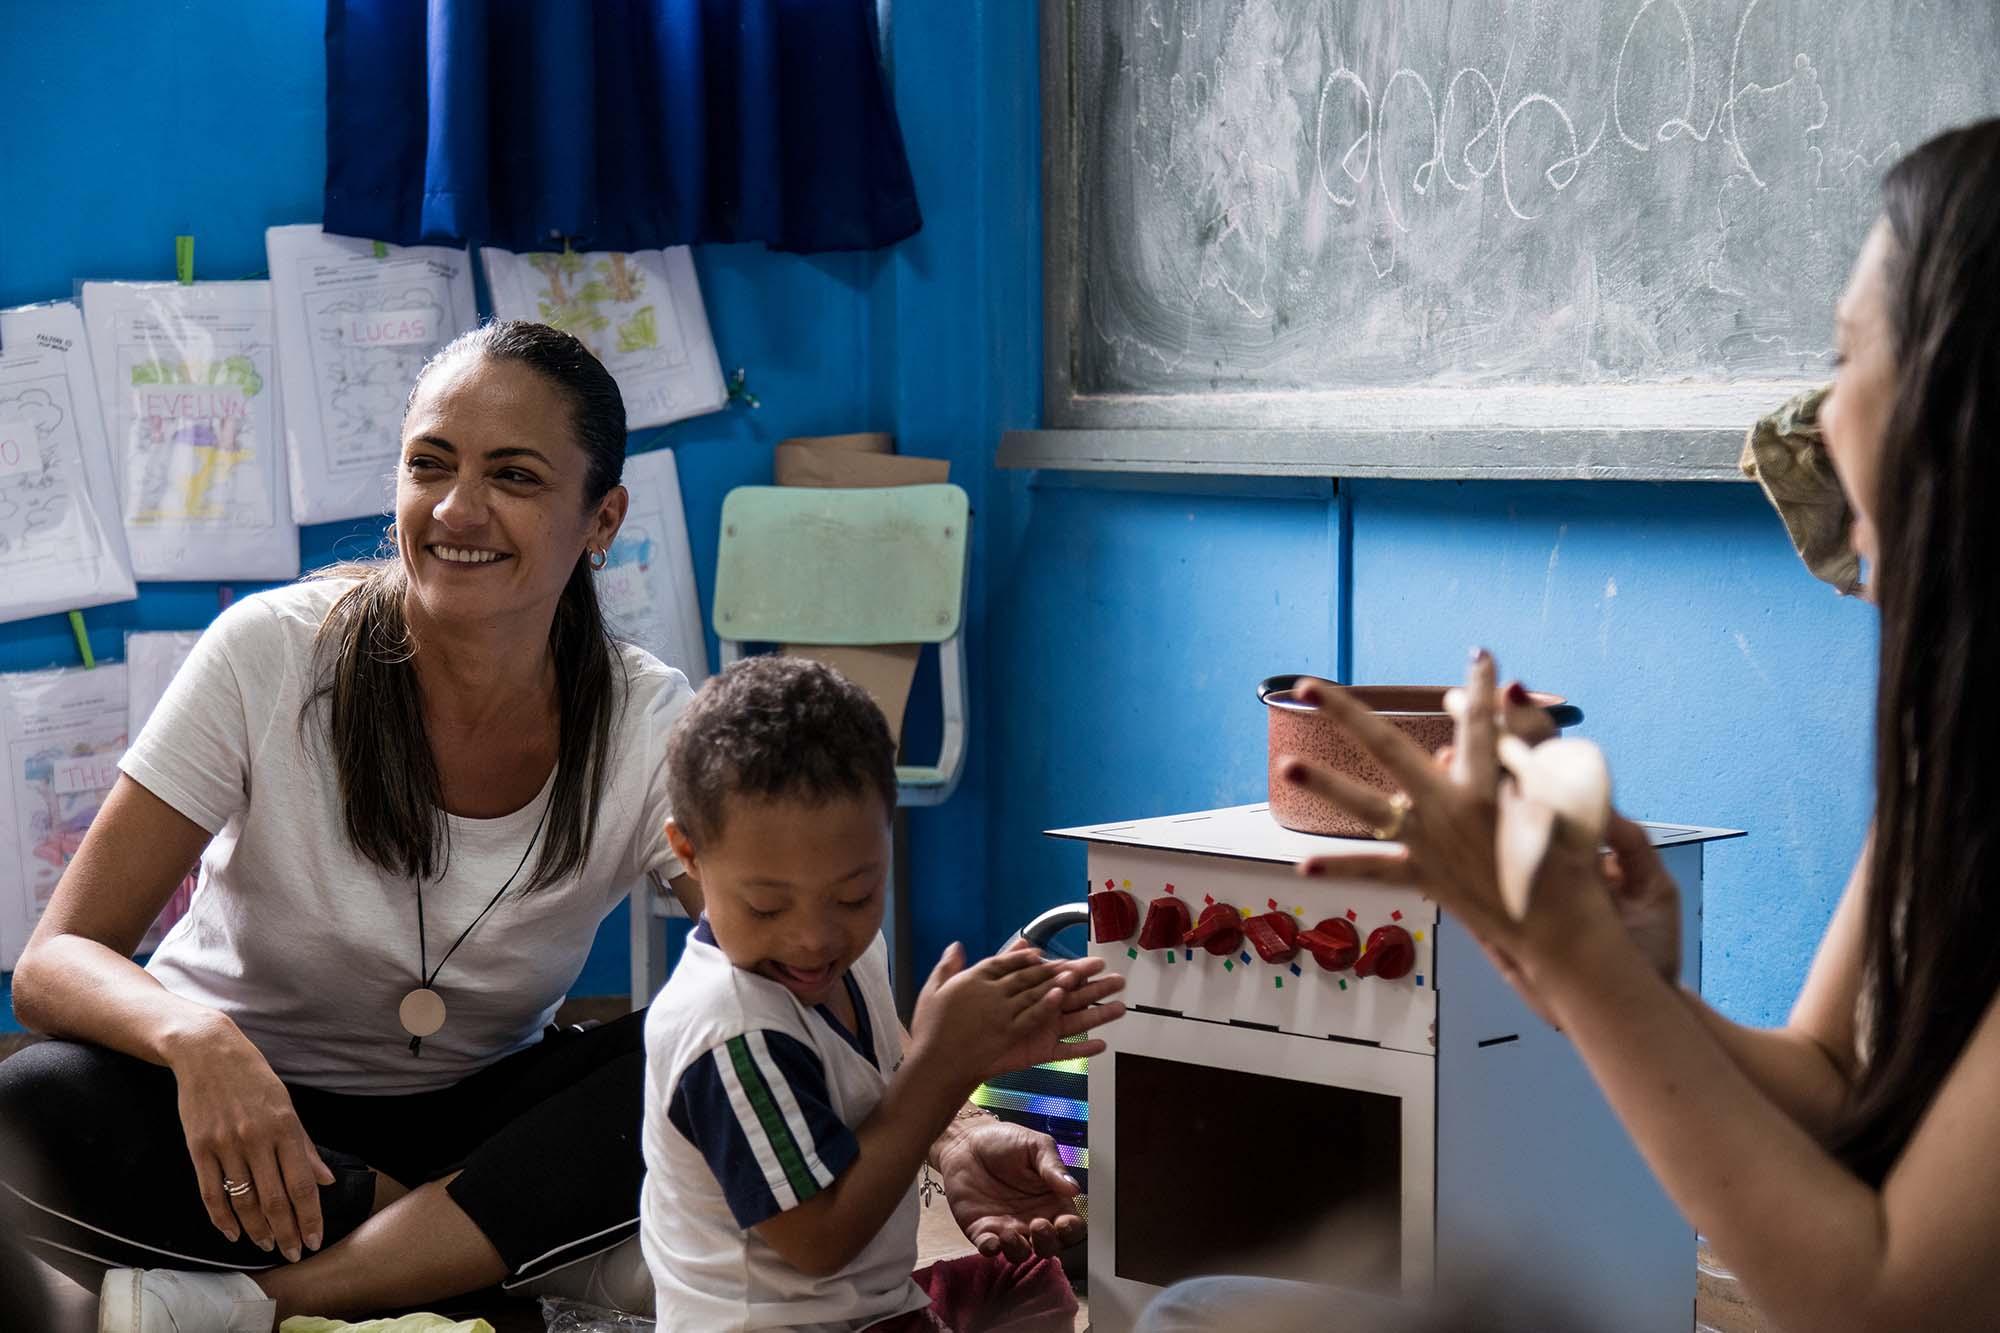 Em sala de aula, de frente para o fogão musical, estudante com Síndrome de Down e professores batem palmas. Fim da descrição.